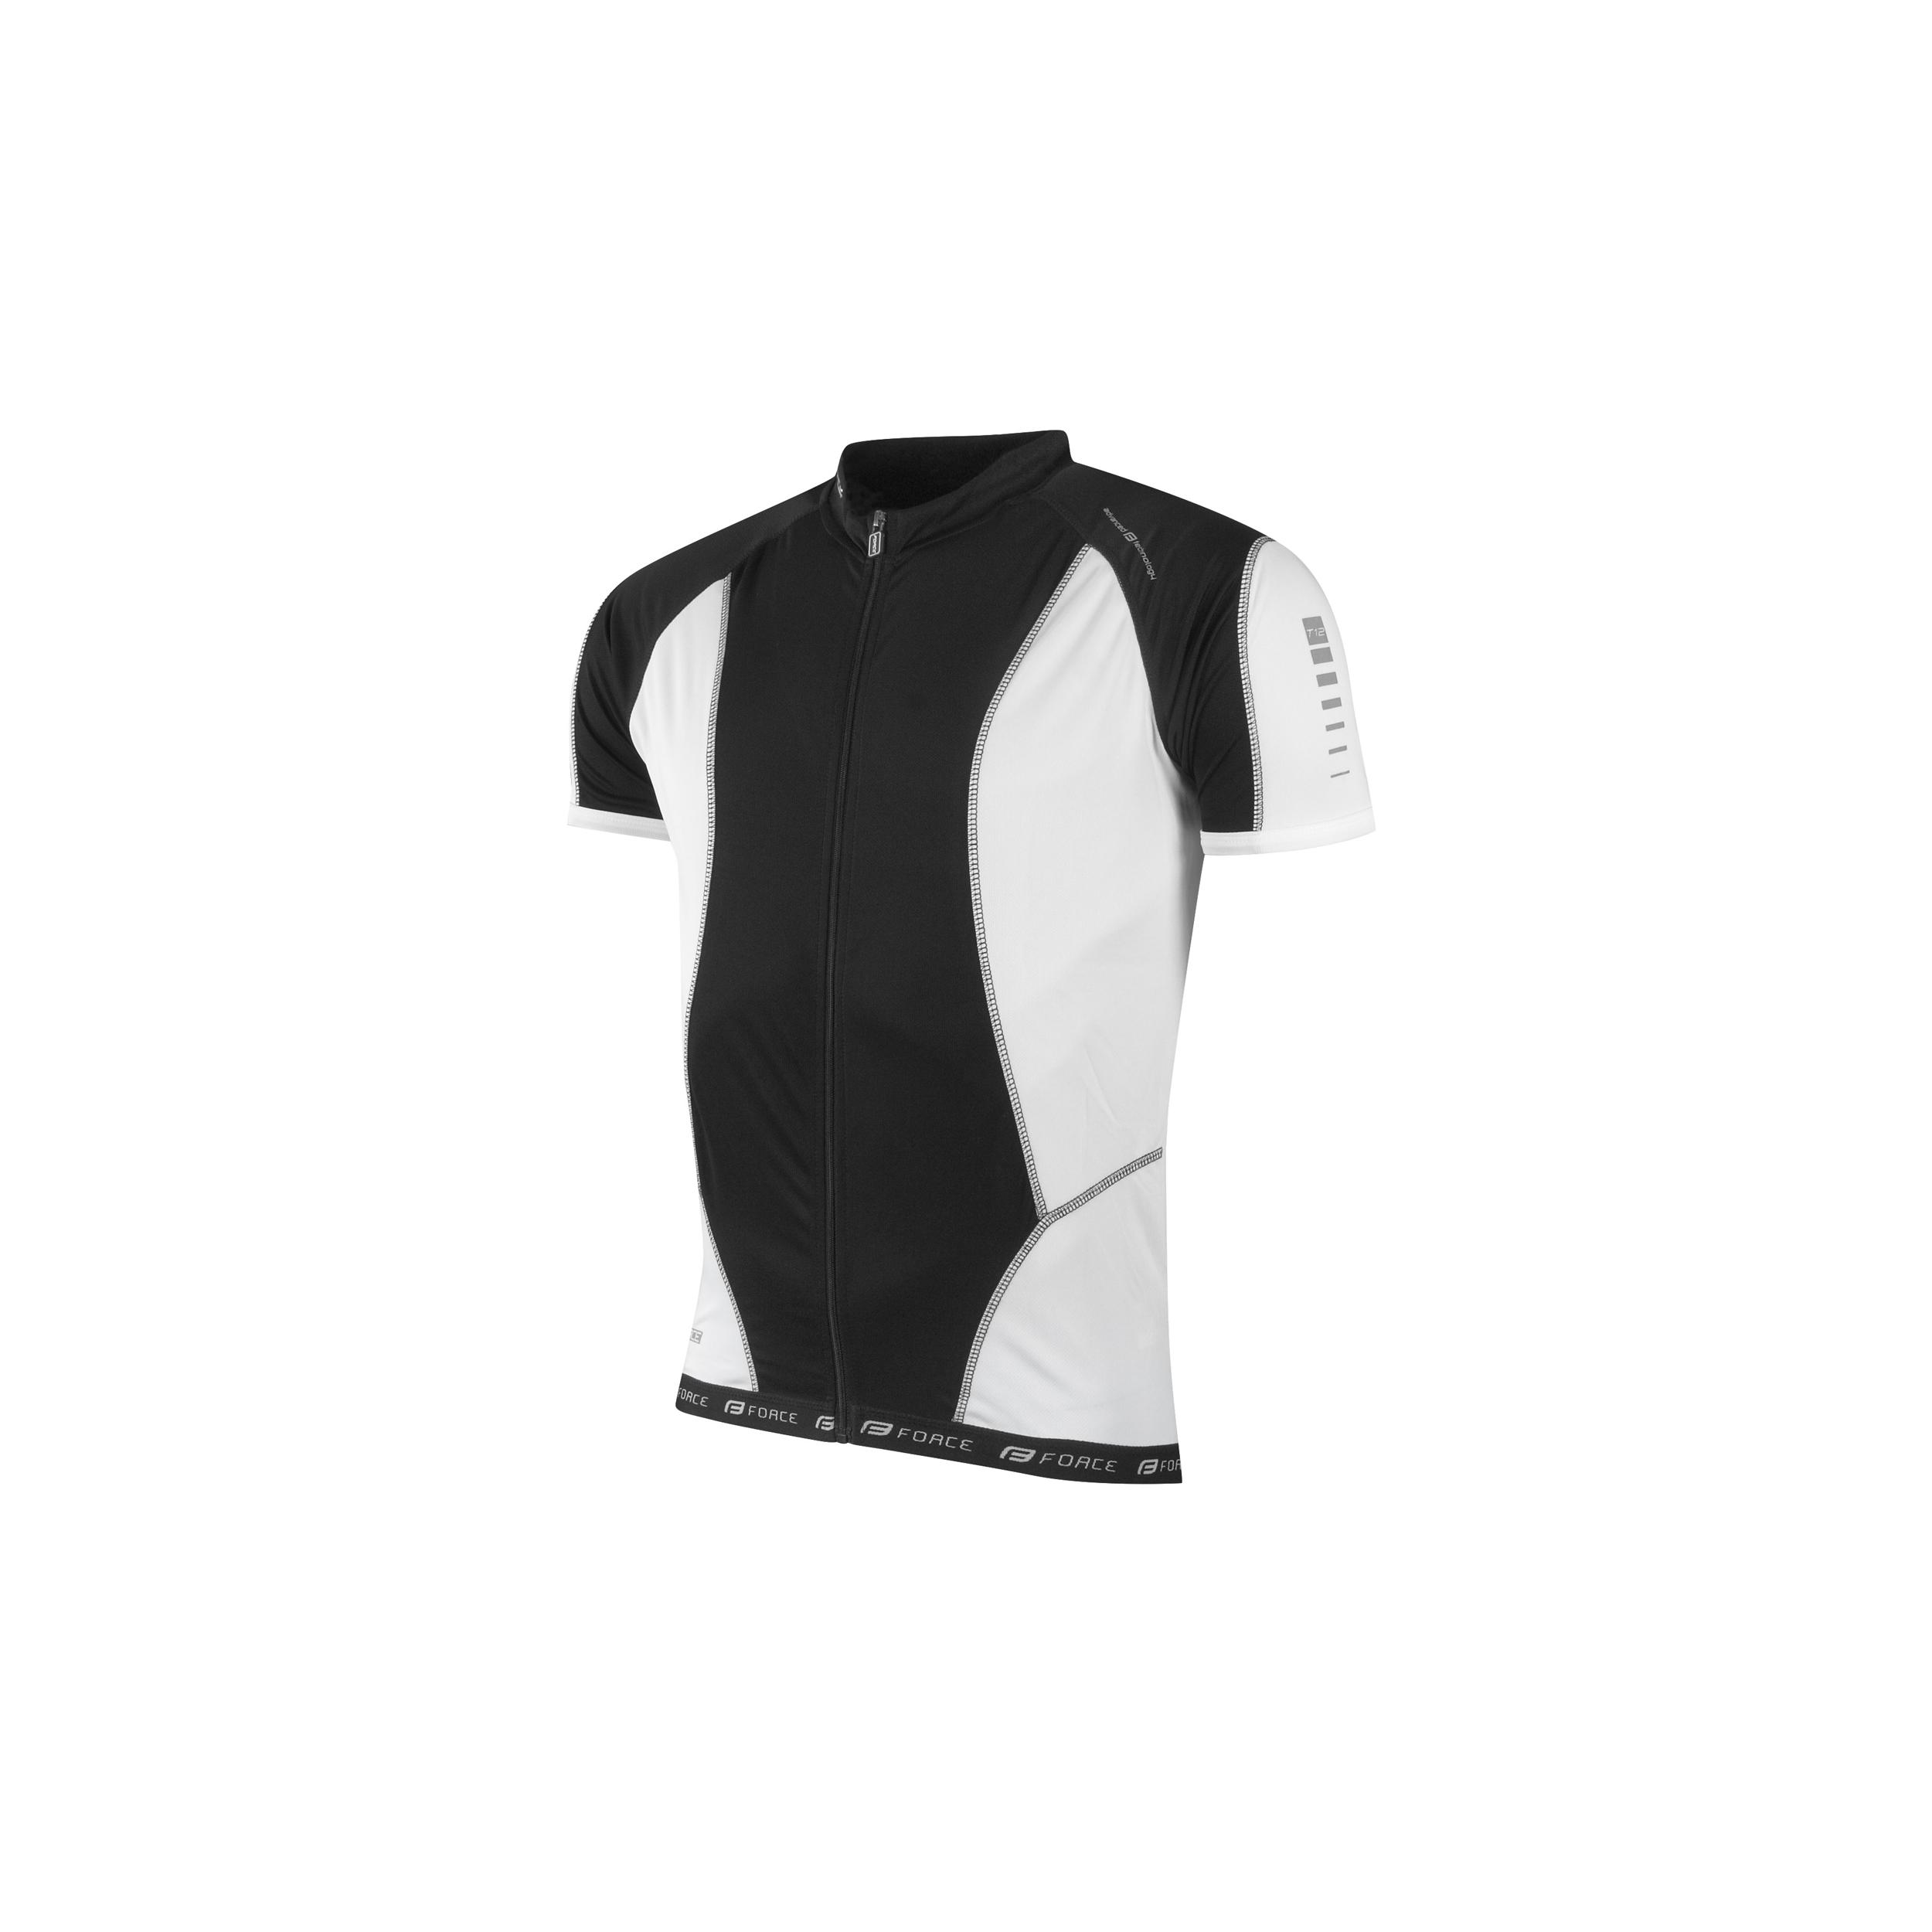 8665e16cc5d Dres FORCE T12 krátký rukáv černo-bílý XXL